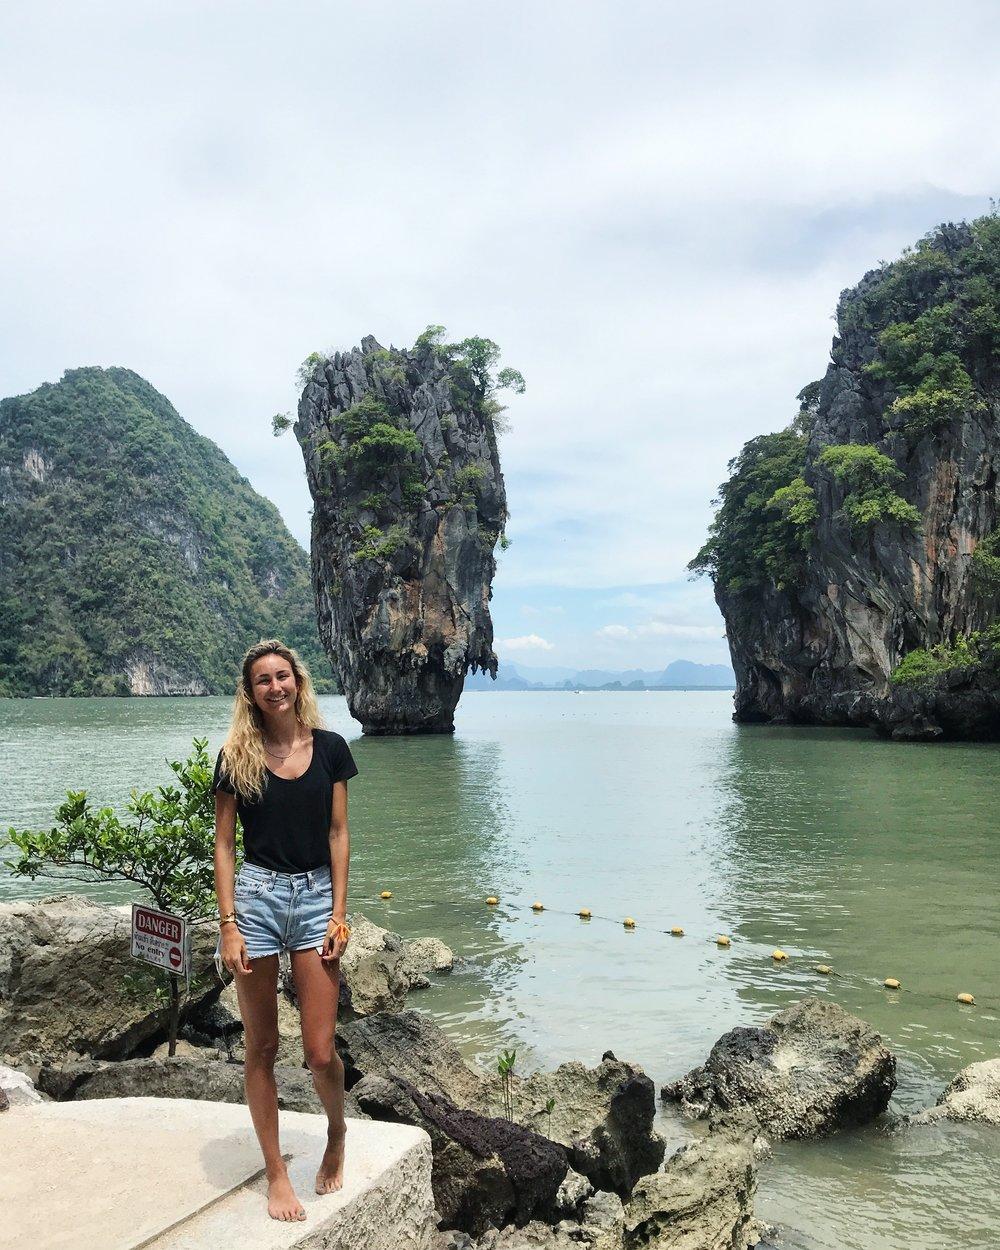 Thailand Week Thai Fashion Food And Fun: Phuket, Thailand